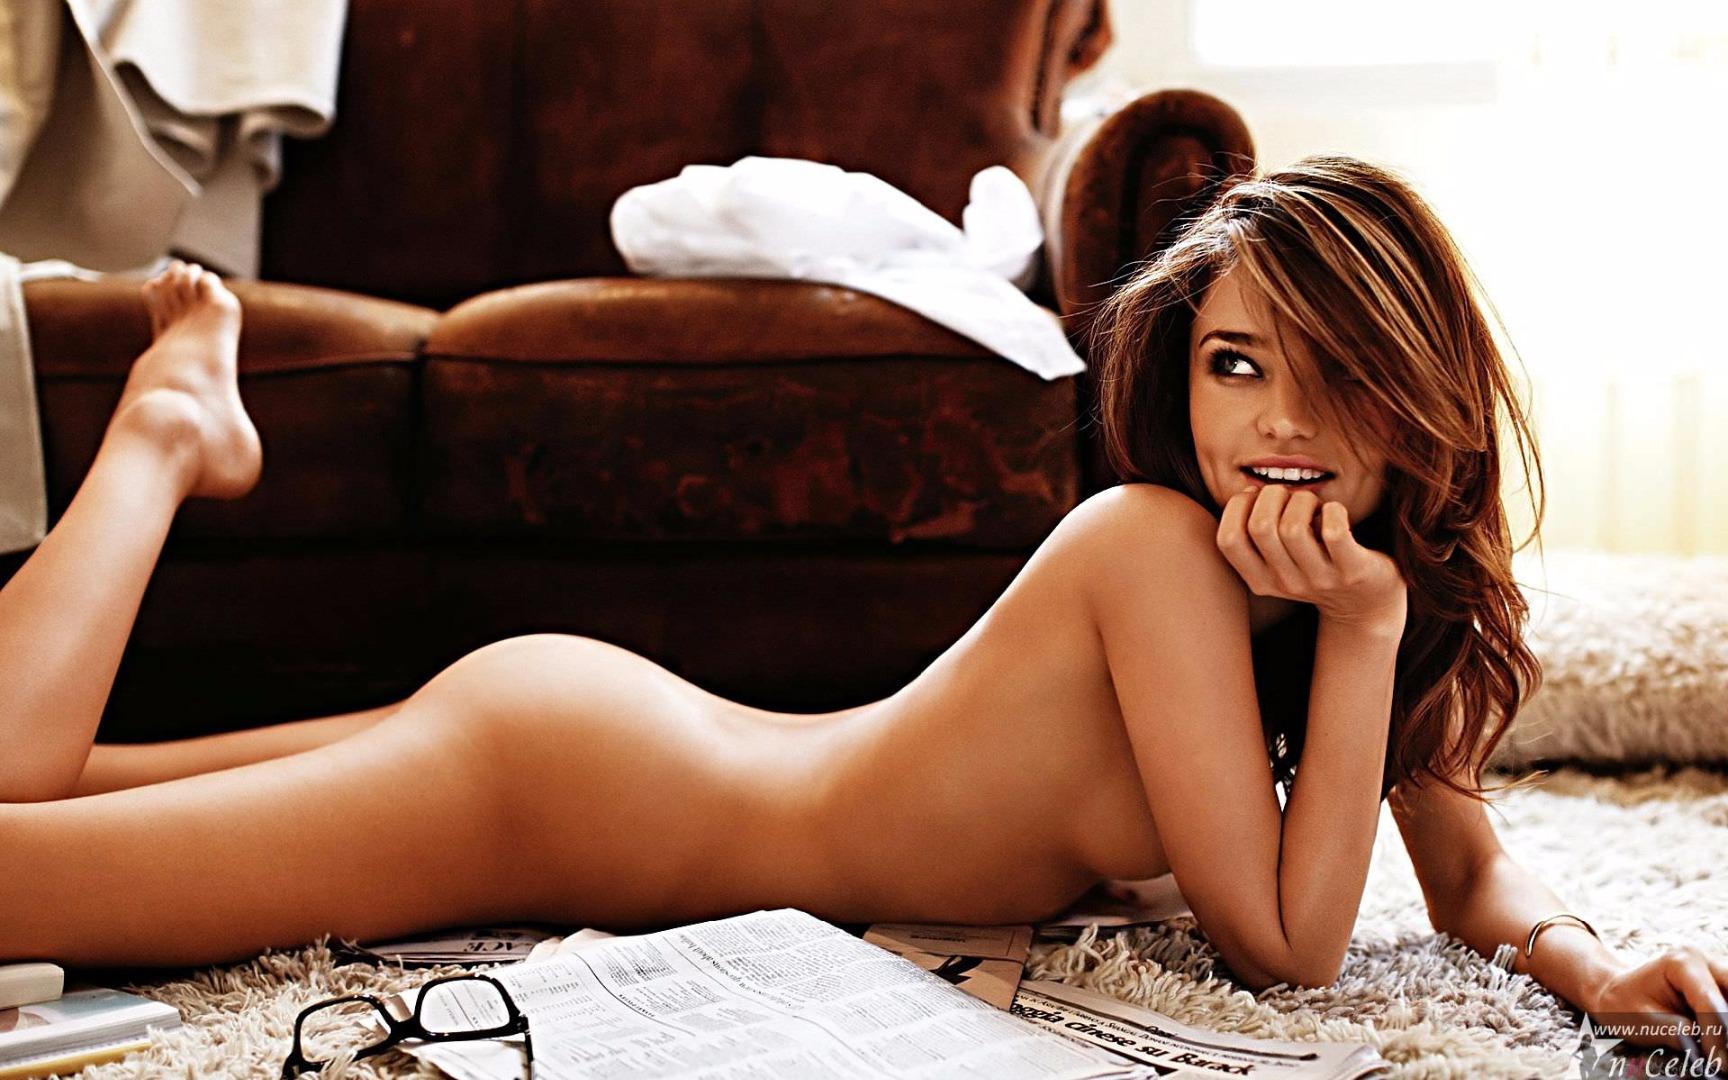 Самые красивые девушки в мире и раздетые 15 фотография